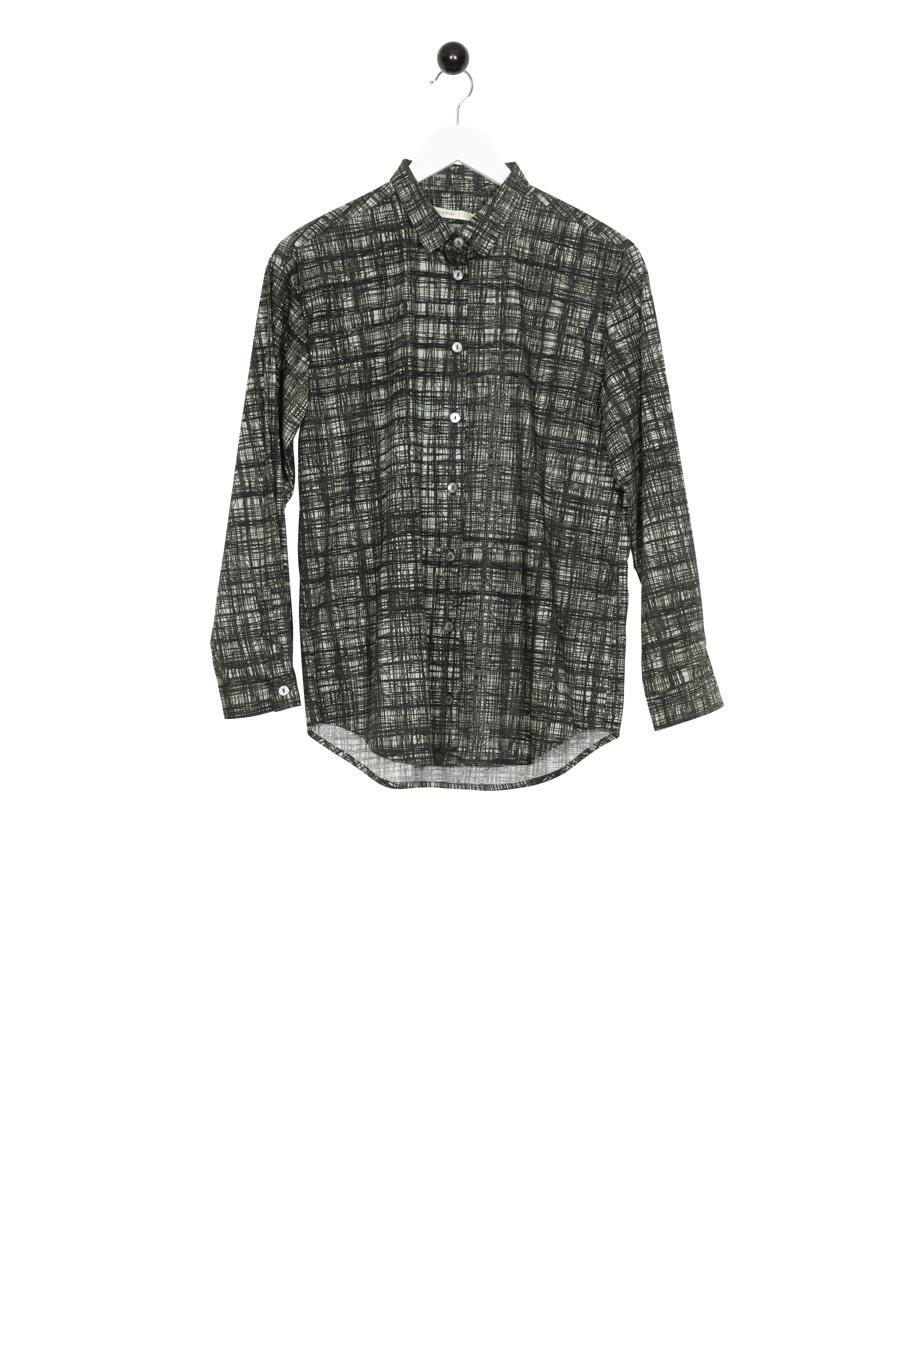 Return Astrid Shirt